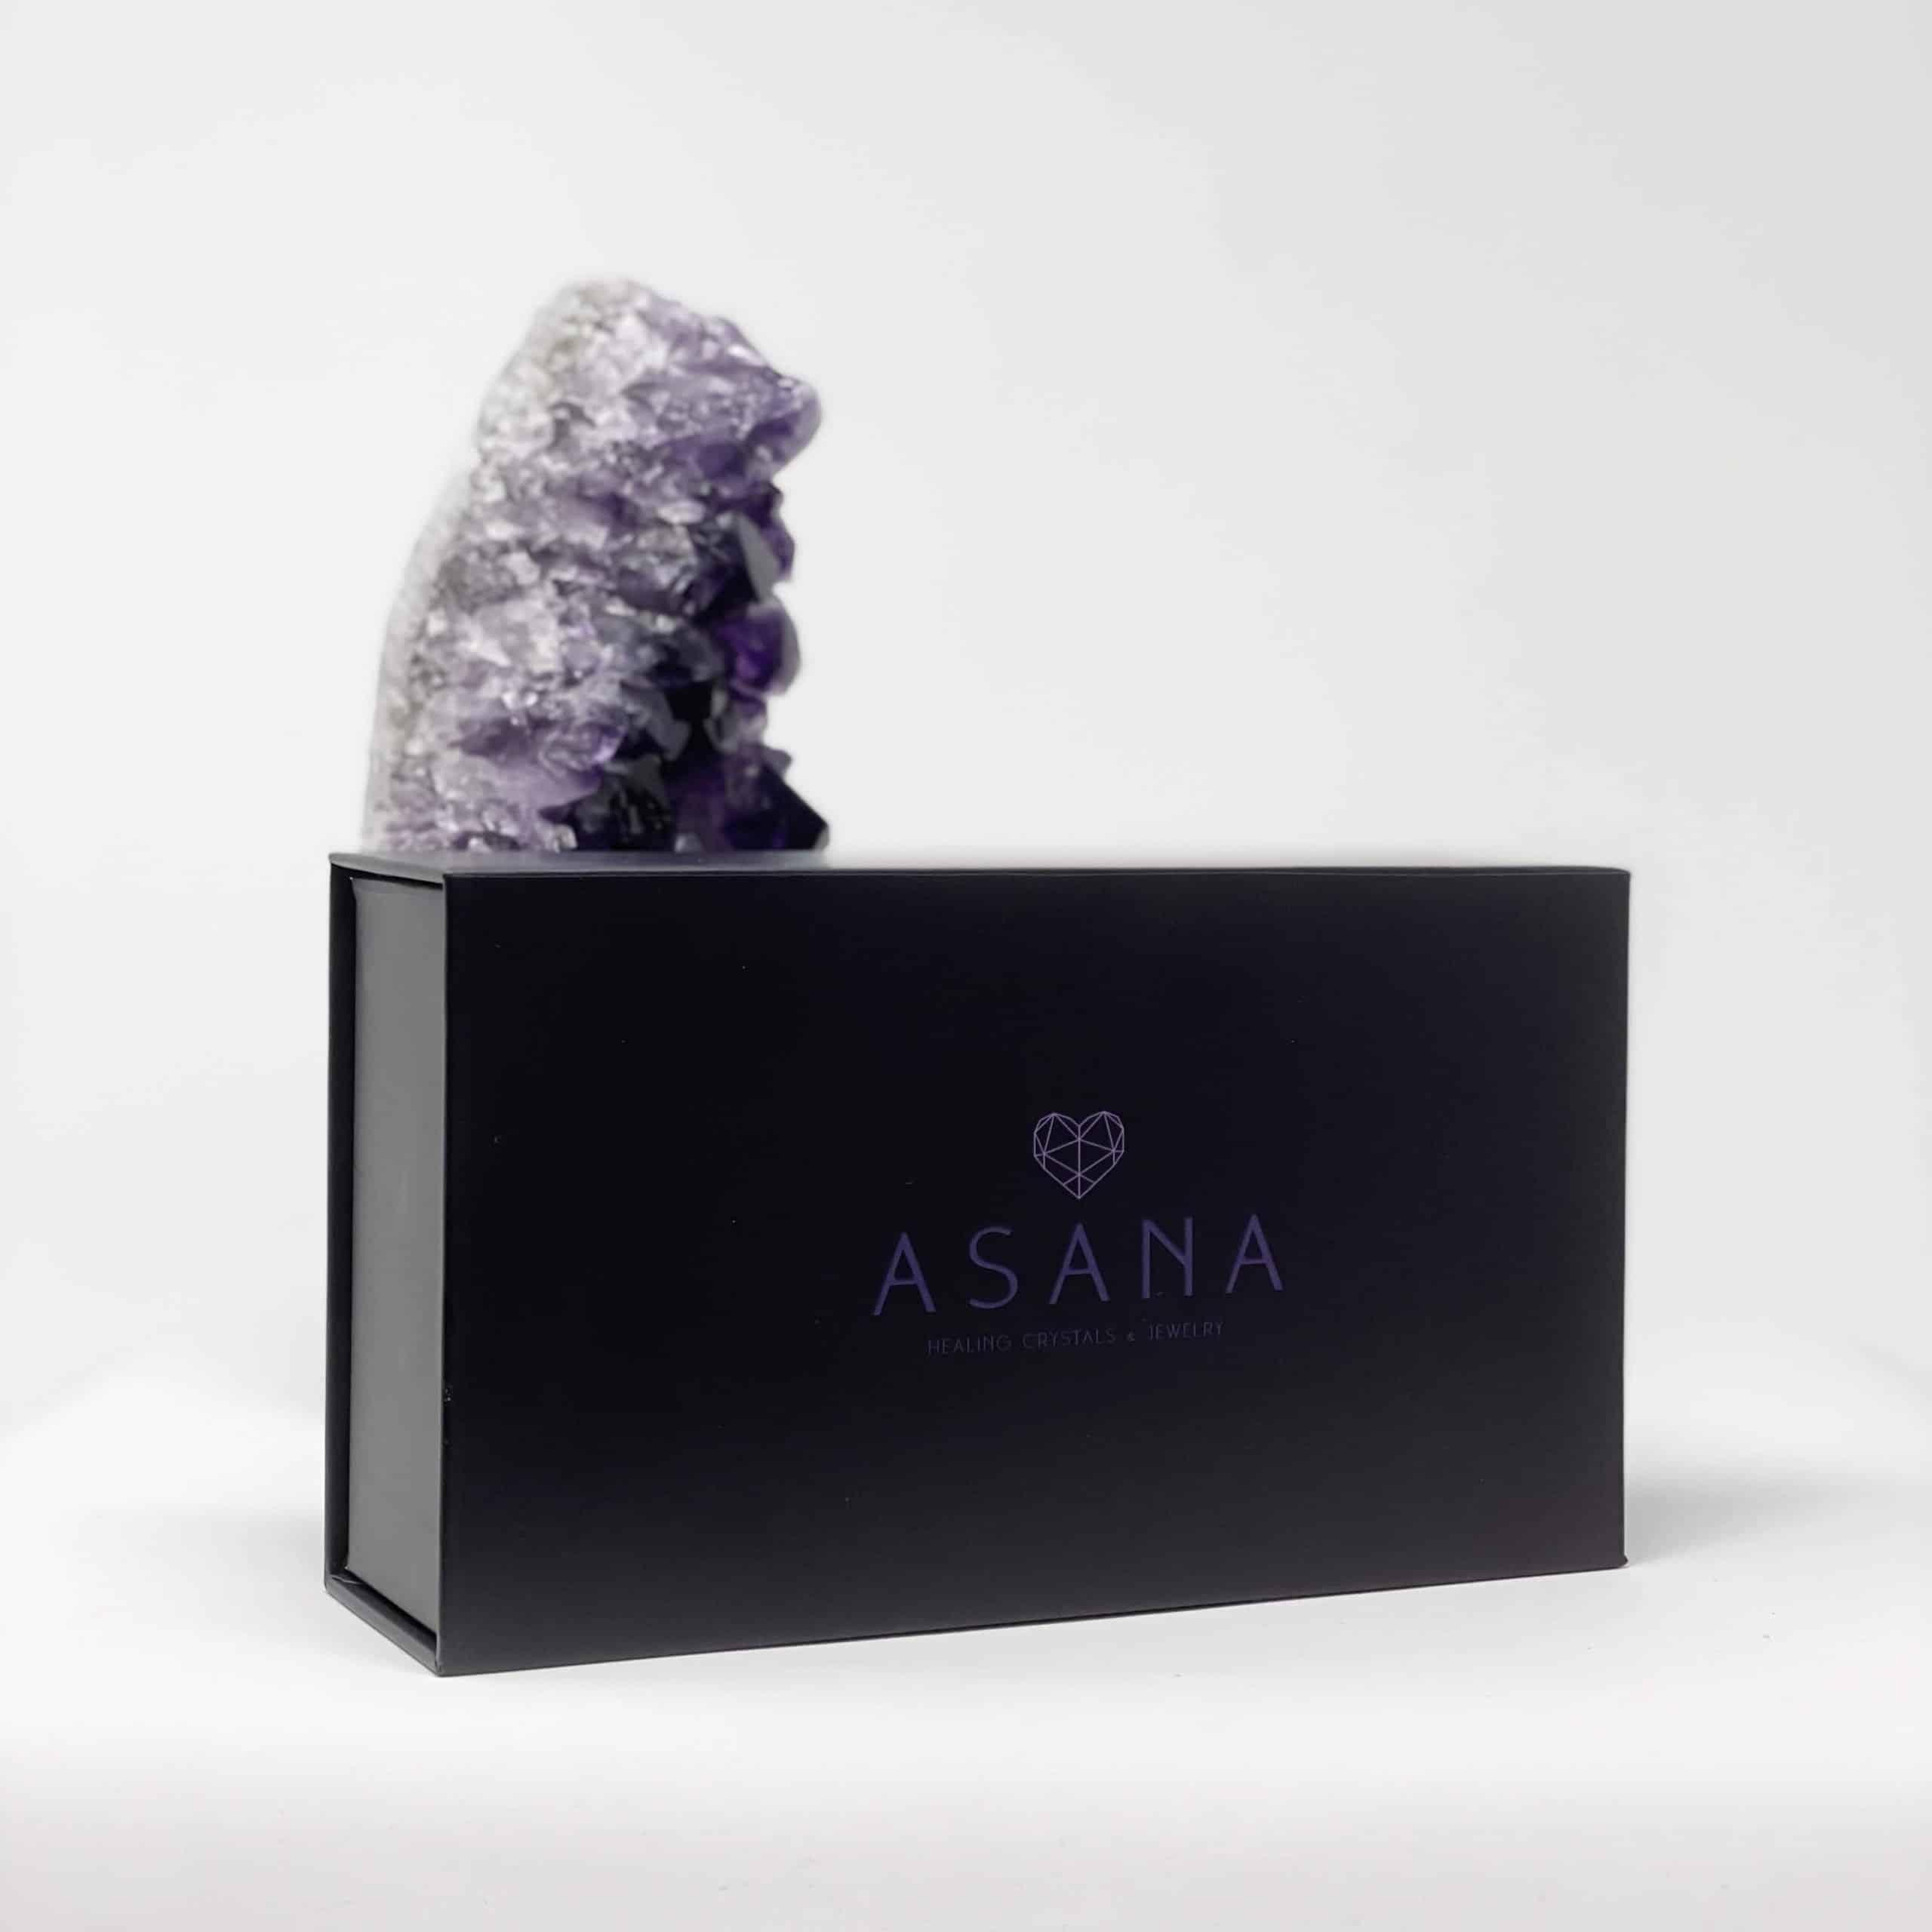 asana crystals 1 scaled